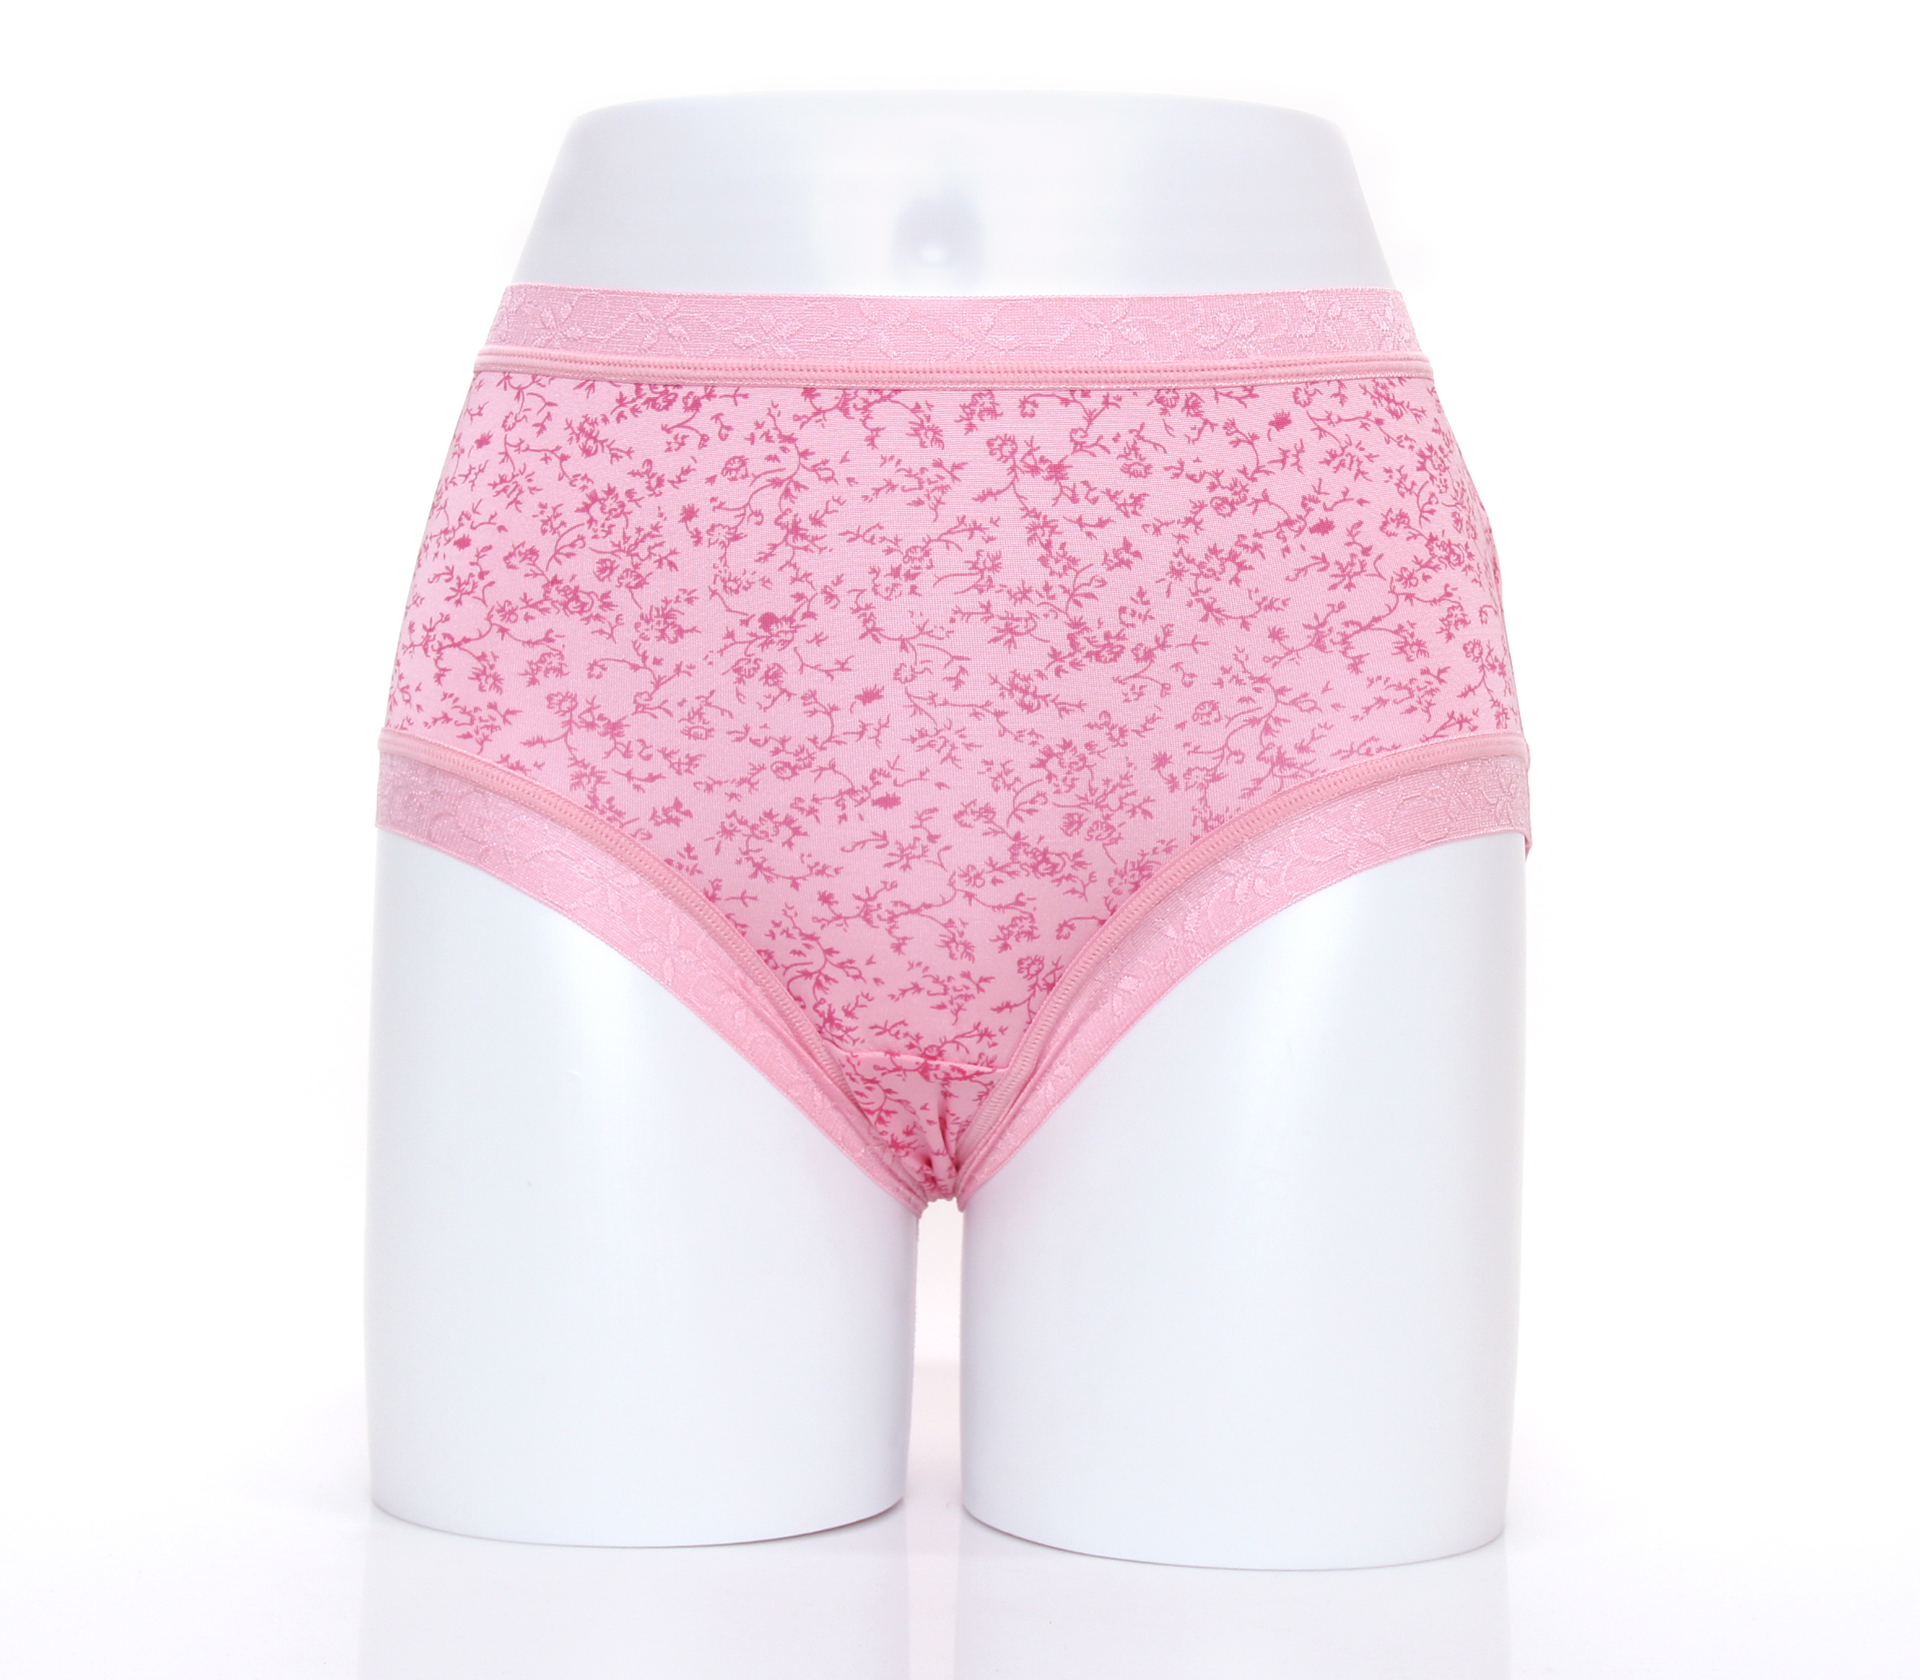 闕蘭絹日系零著感100%蠶絲內褲-88110(印花粉)